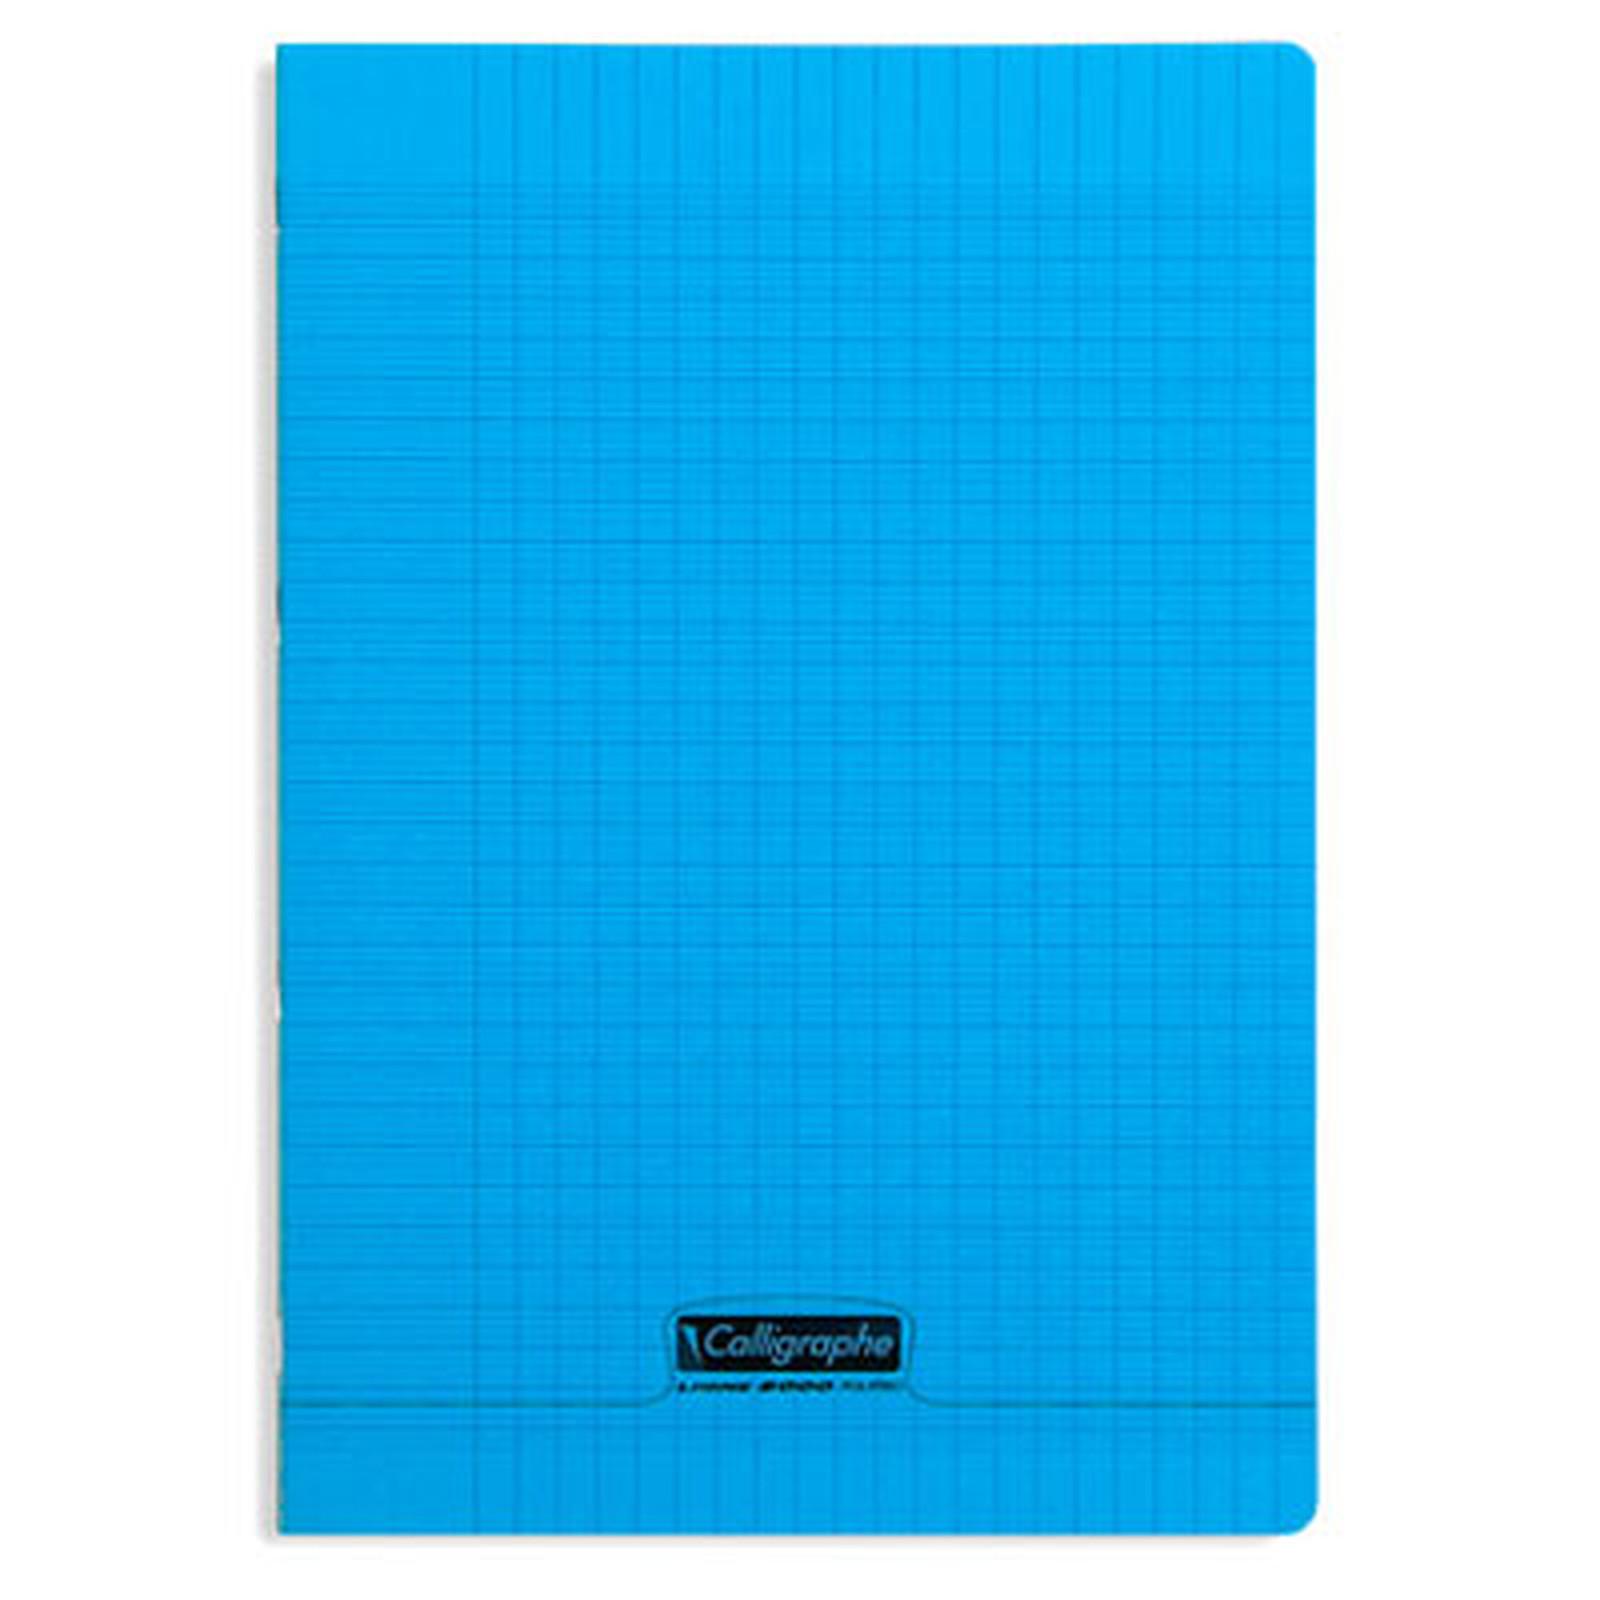 Calligraphe Cuaderno 8000 Polypro 96 páginas 21 x 29,7 cm con cuadrados grandes Azul